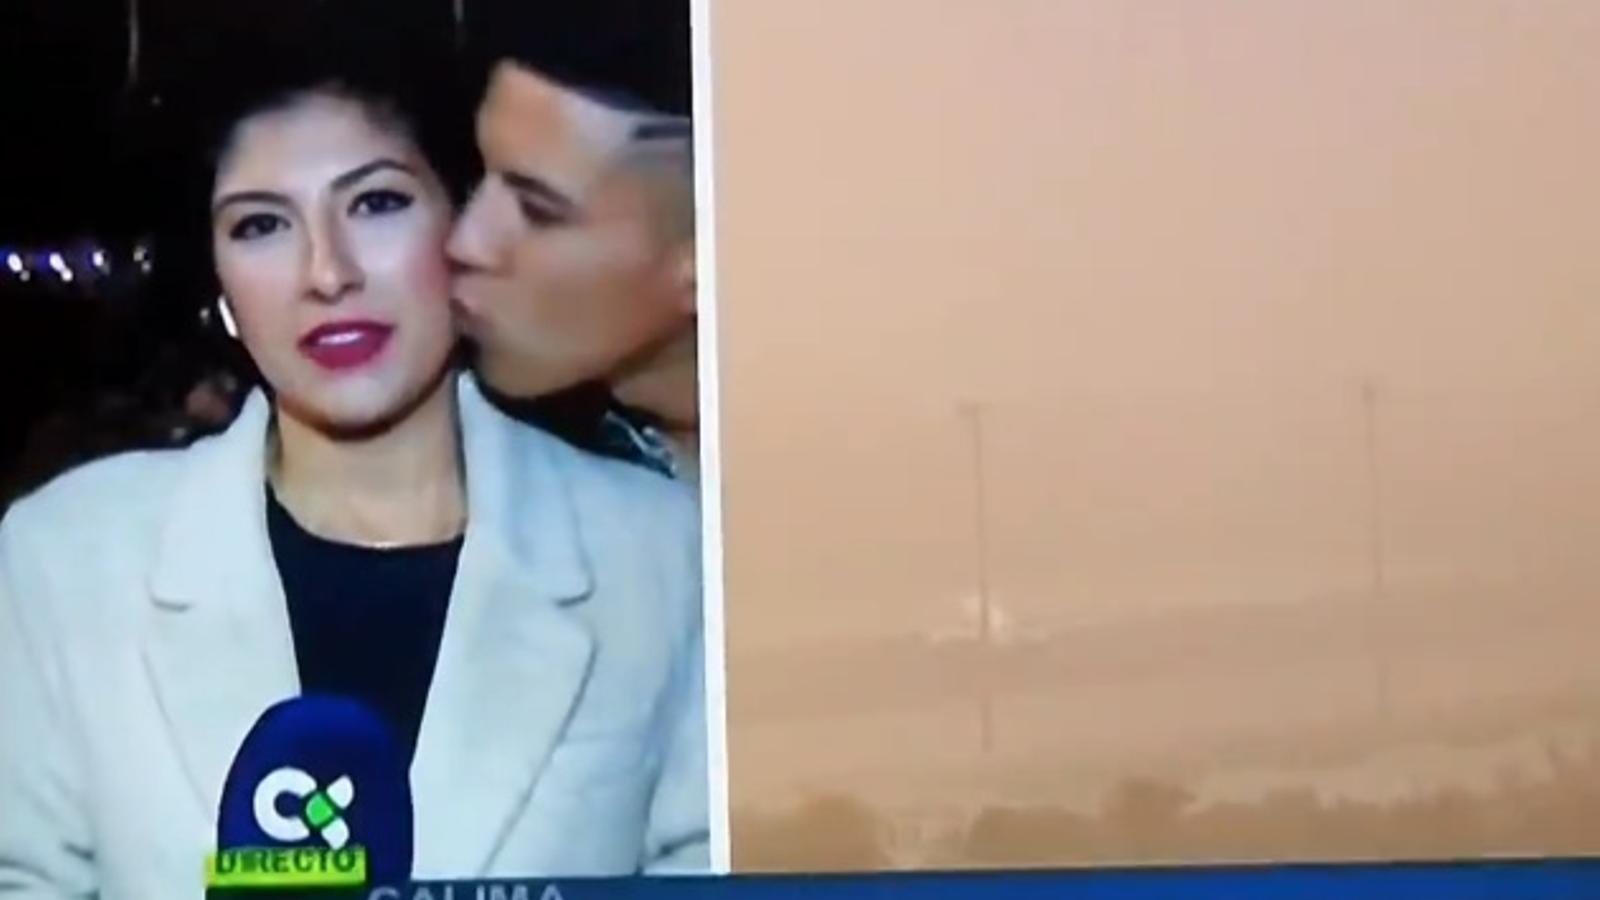 L'home va fer-li un petó a la galta mentre ella informava sobre l'alerta meteorològica